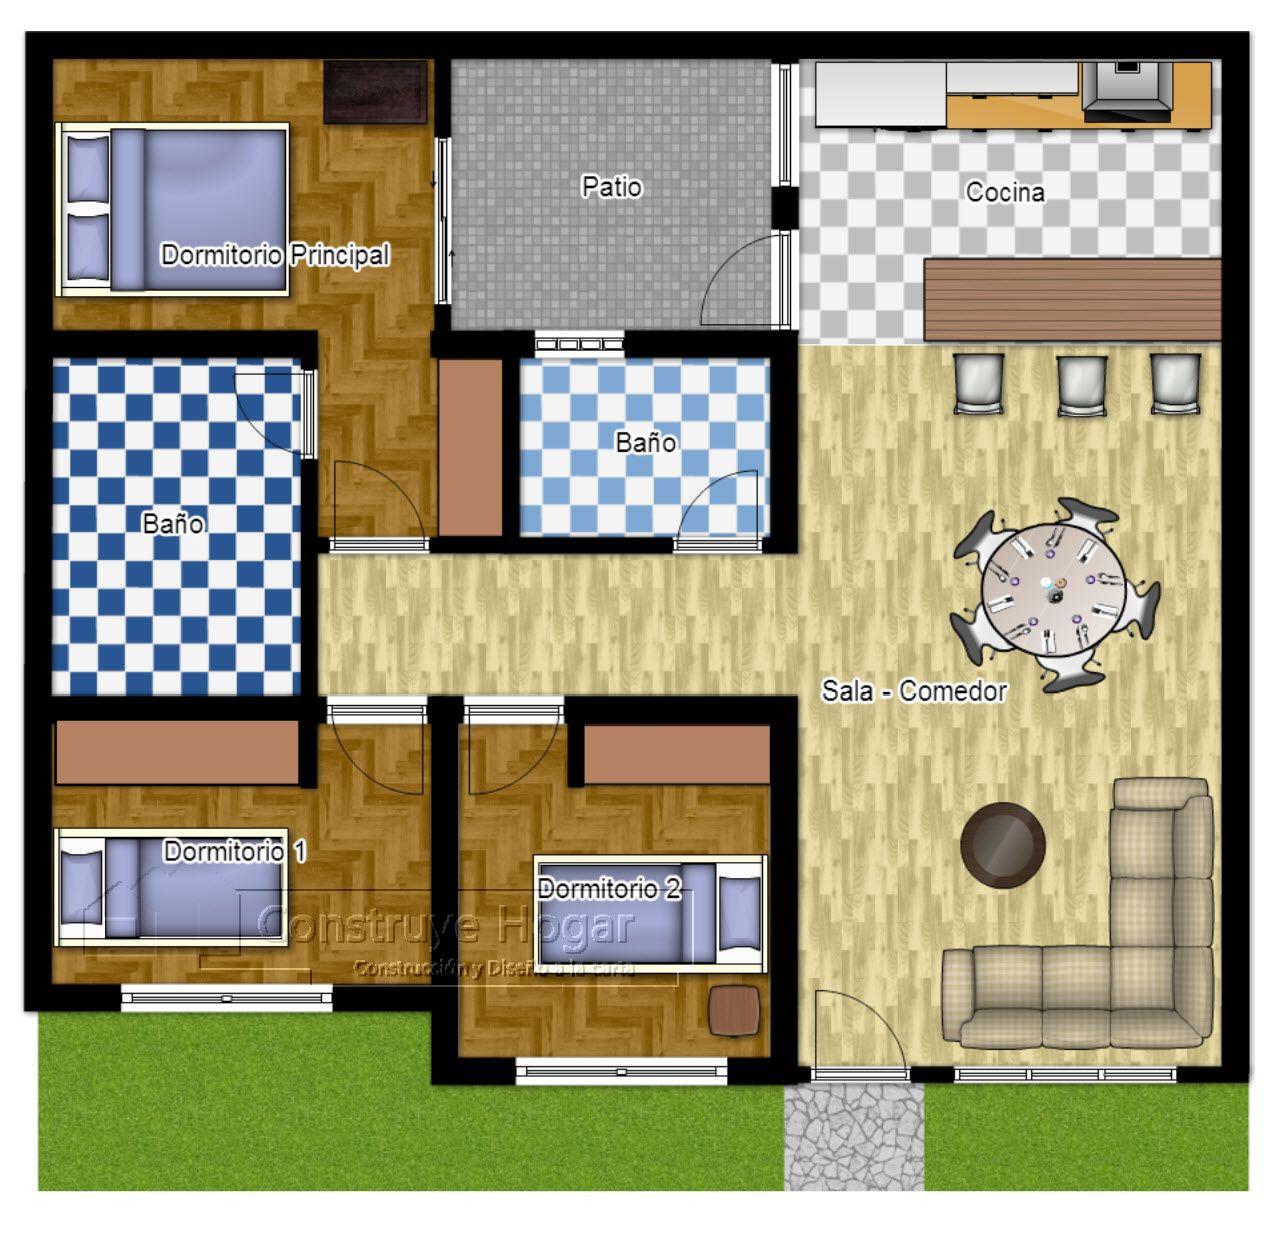 Plano de casa cuadrada modelos guerrilla and house for Planos casas chicas